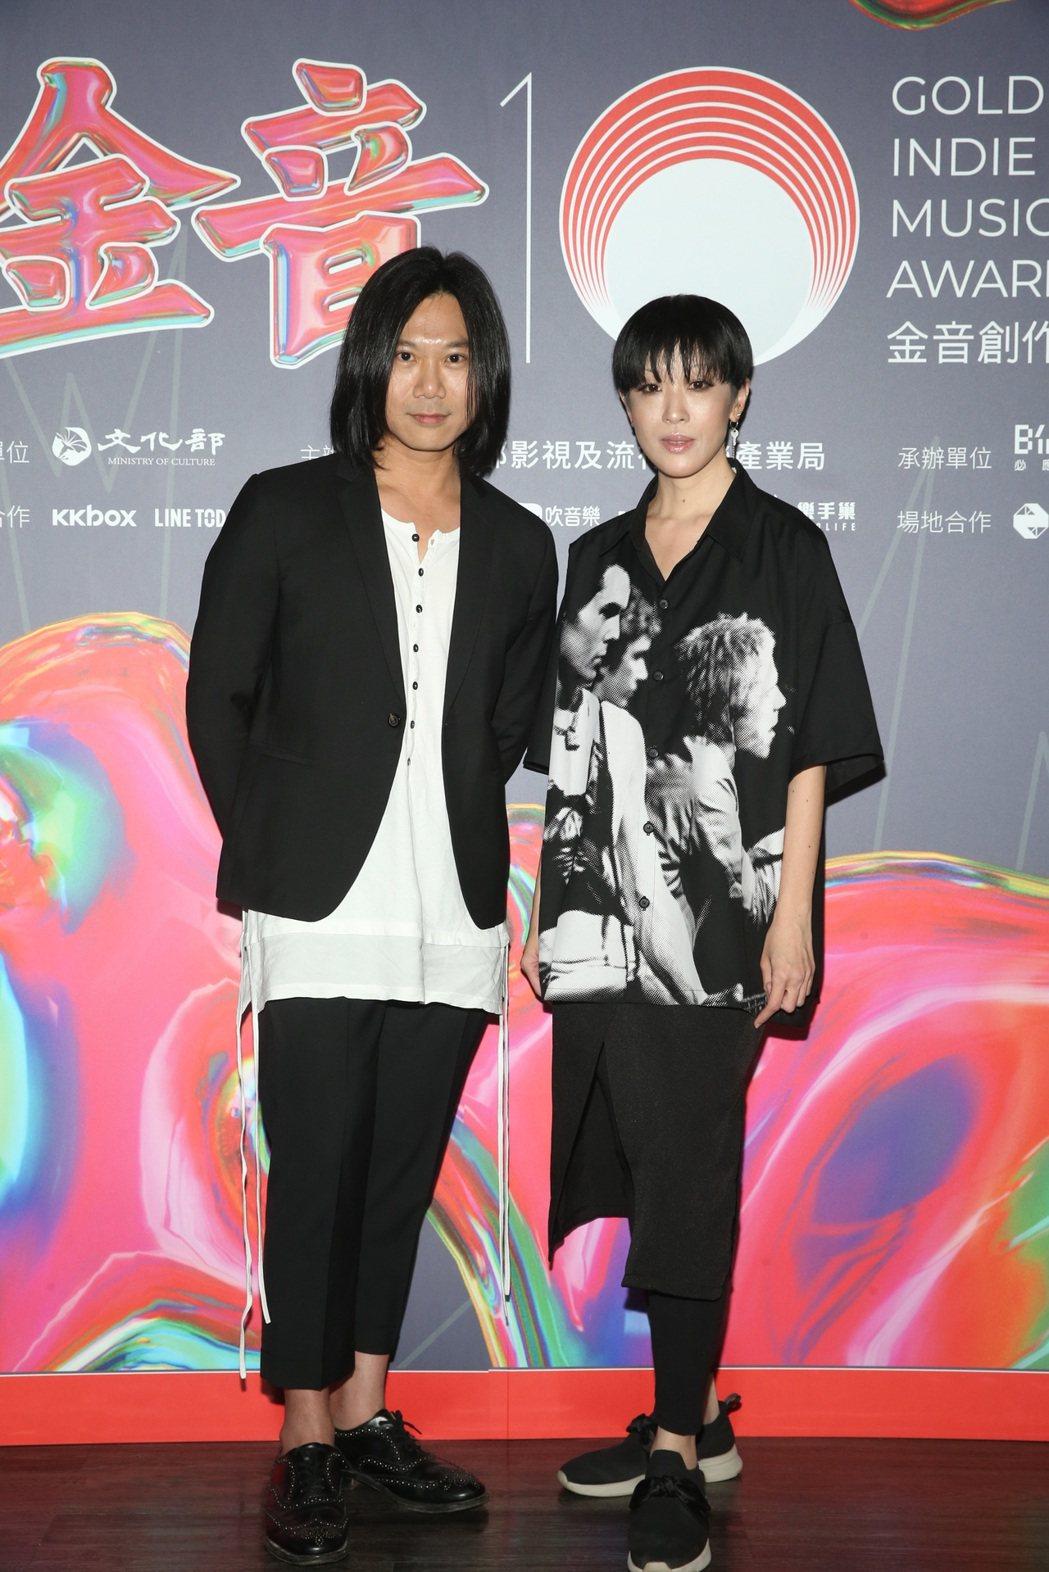 瑪莎(左)接棒陳珊妮擔任第十屆金音獎評審團主席。圖/文化部影視及流行音樂產業局提